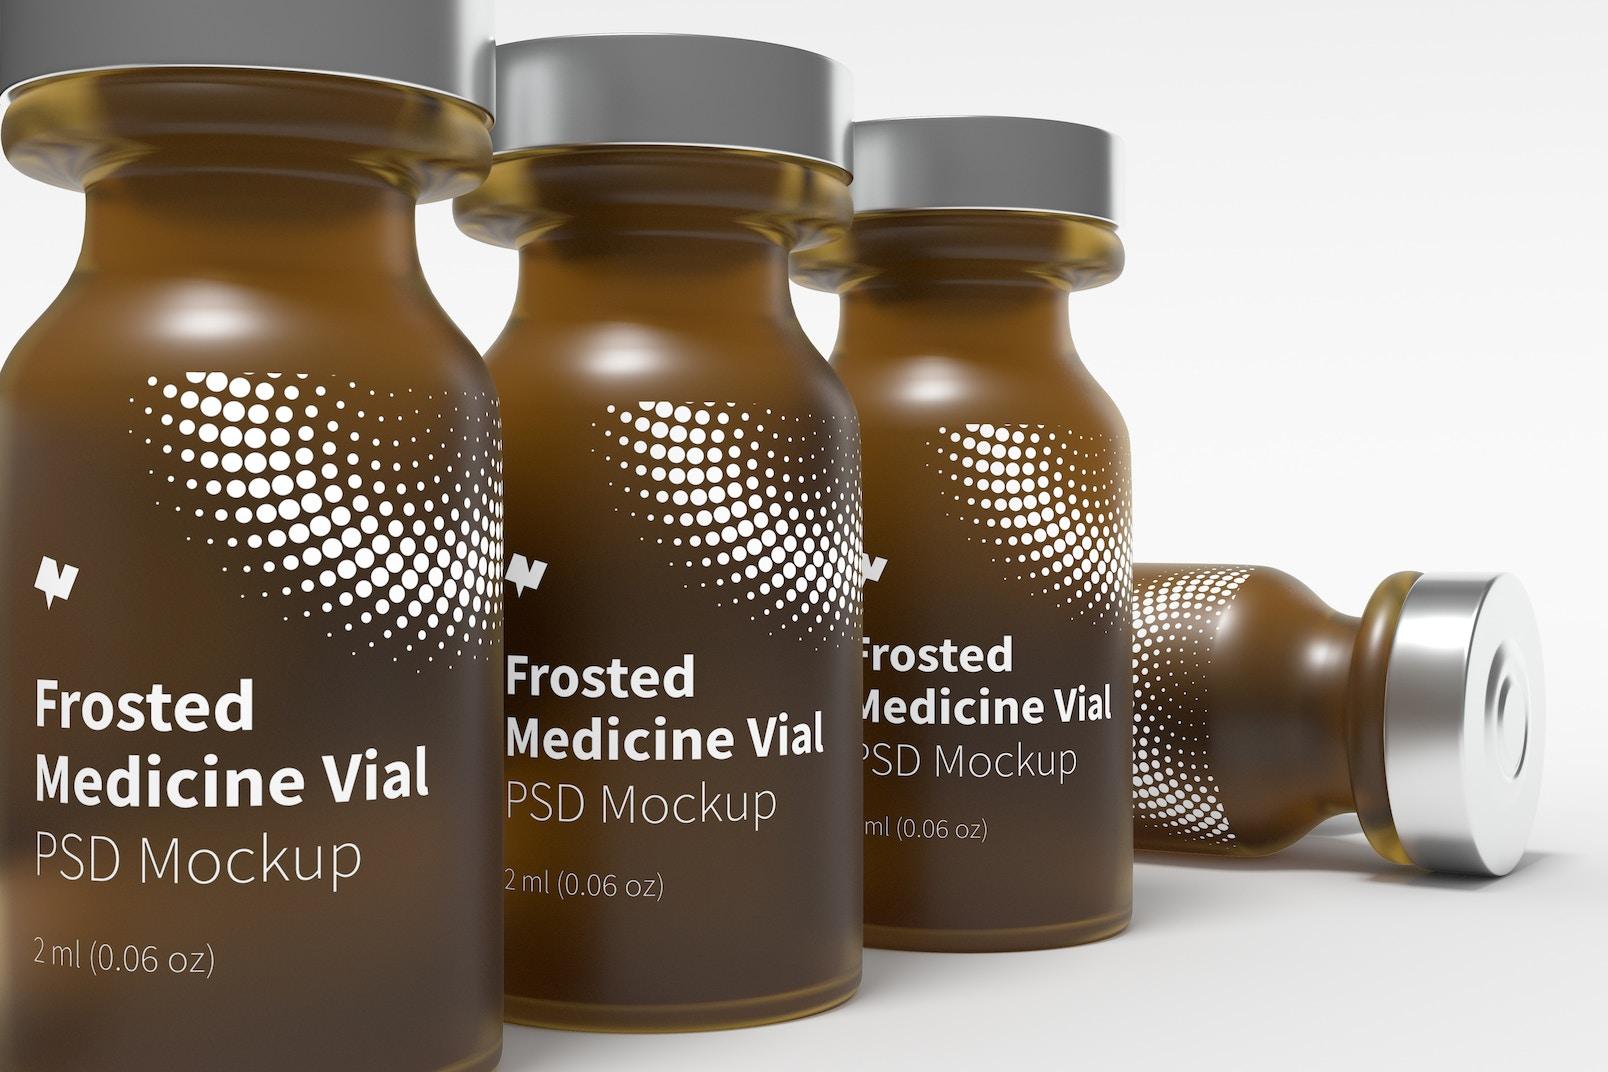 2 ml Frosted Glass Medicine Vial Bottles Mockup, Close Up